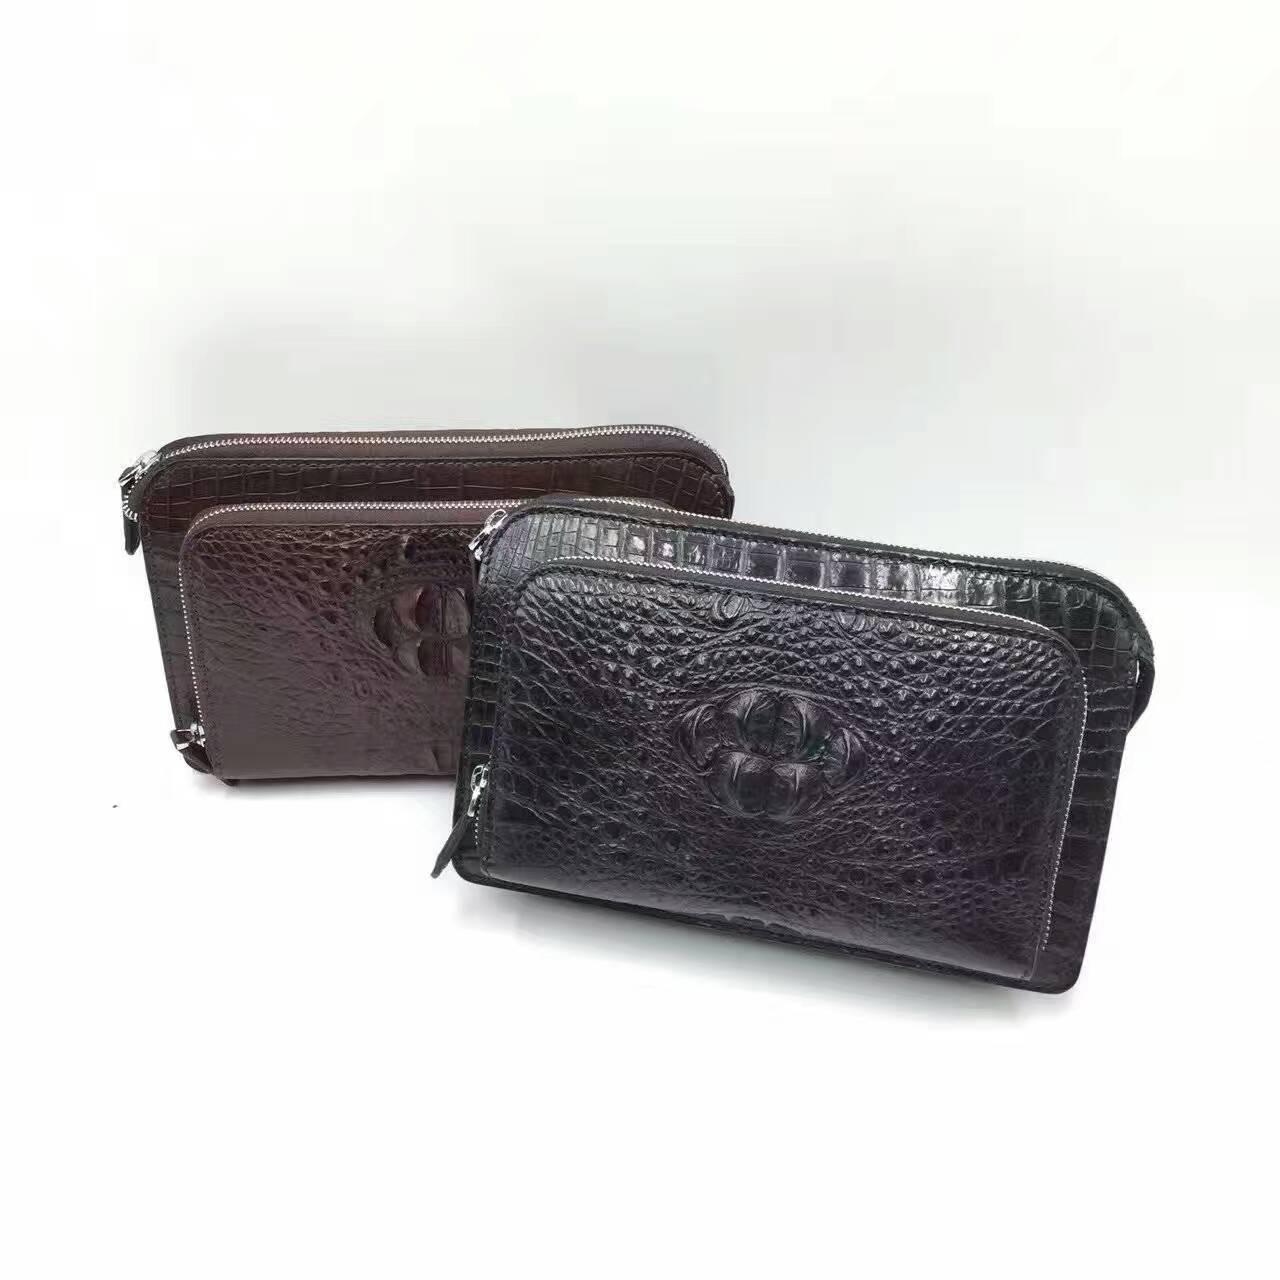 鳄鱼皮男士夾包sbinn0636